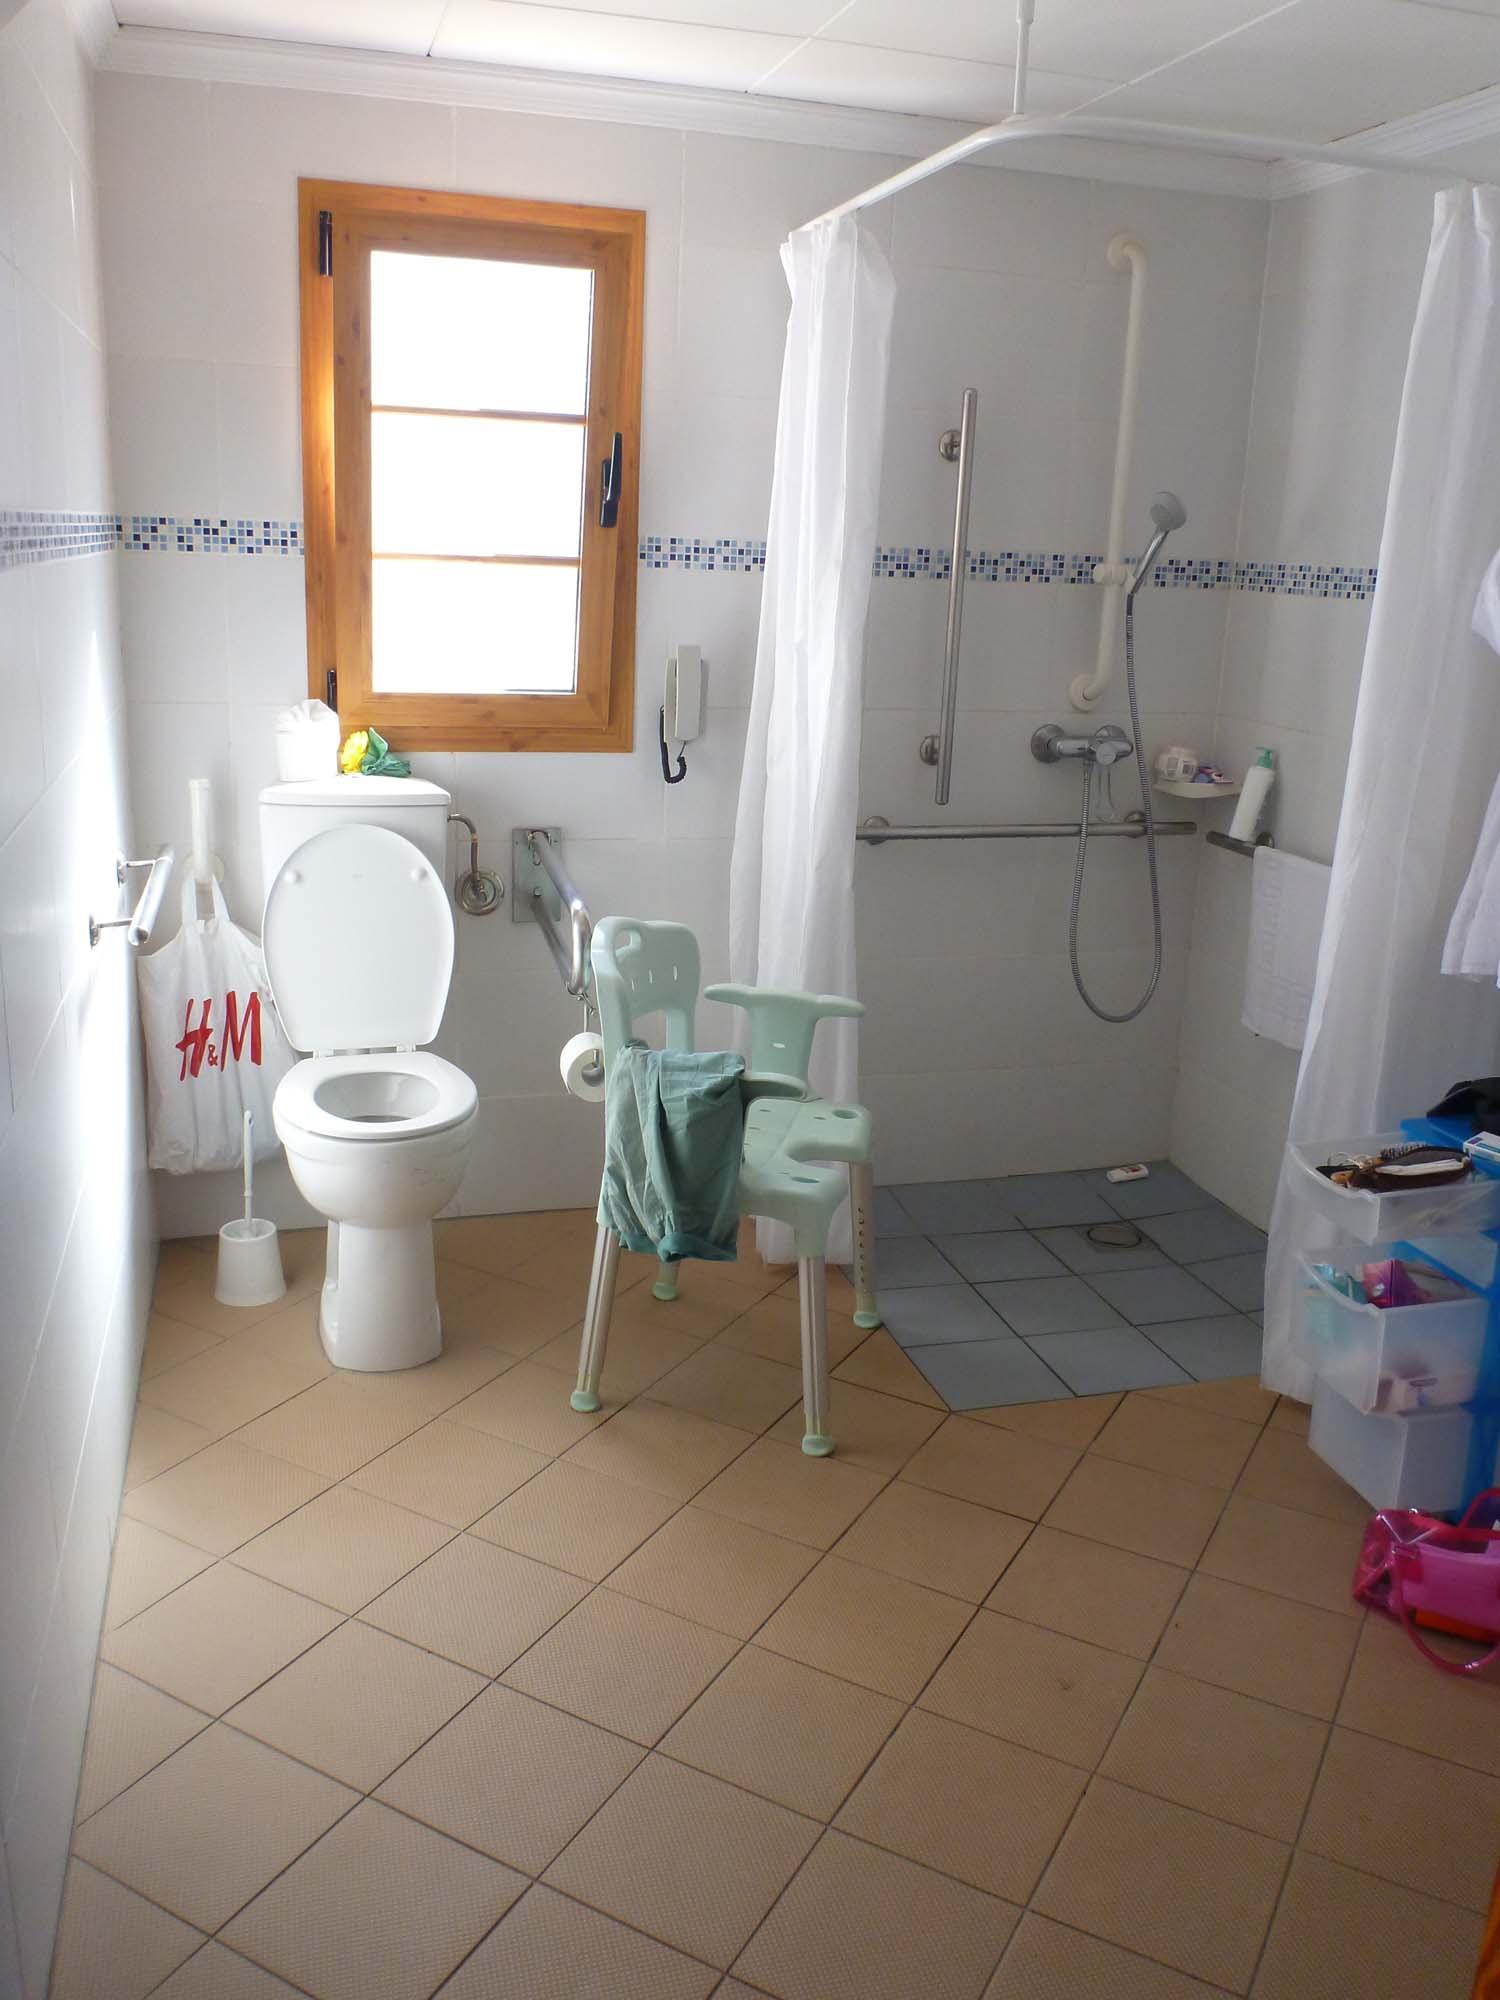 rollstuhlgerechtes Badezimmer mit Toilette nach DIN Norm